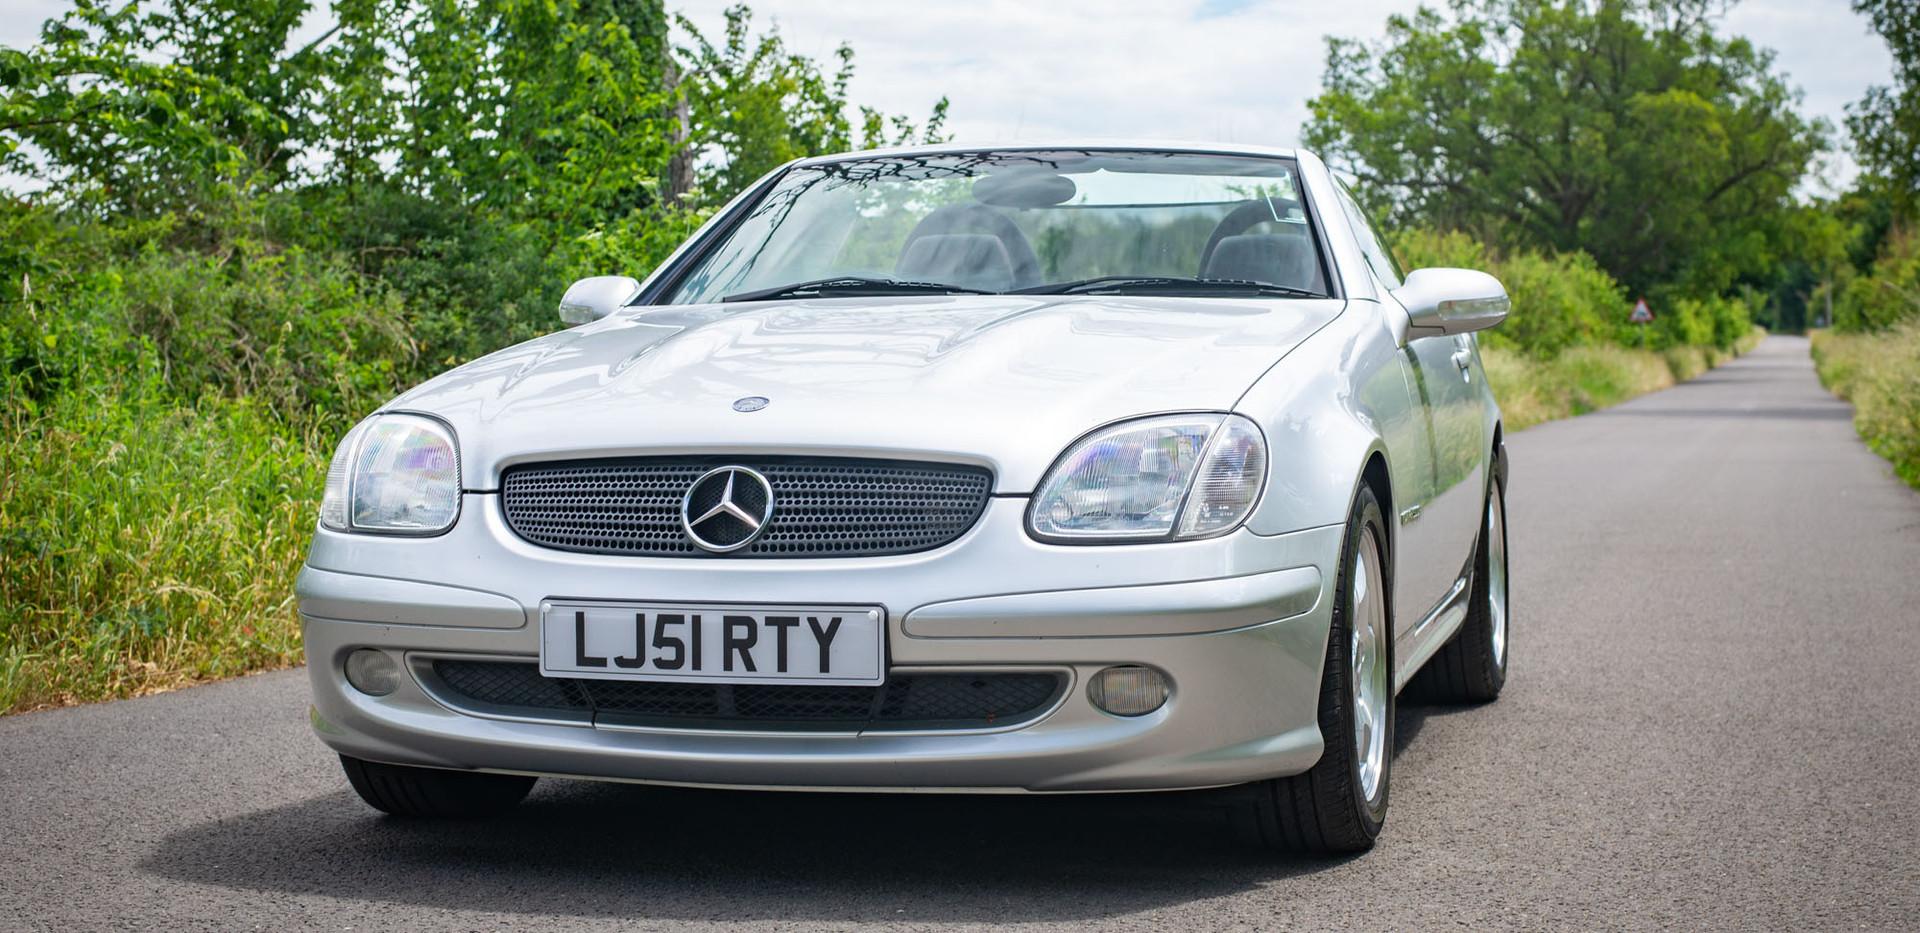 R170 SLK 230 Silver LJ51 RTY For sale-3.